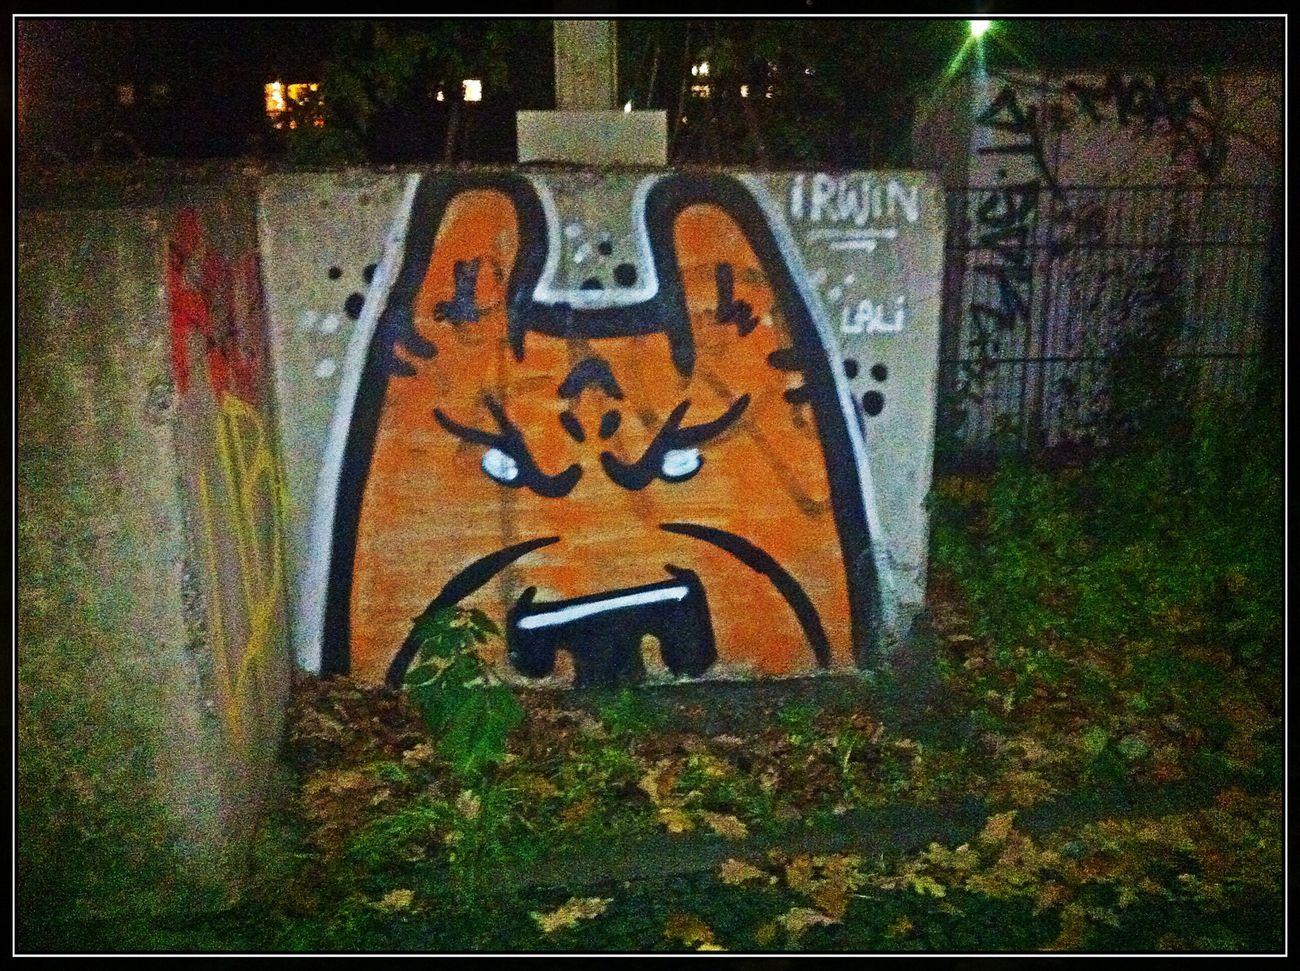 Streetart by Irwin @ Puschkinallee Soistberlin  @ Puschkinallee 51A, 12435 Berlin http://goo.gl/maps/YRPLs